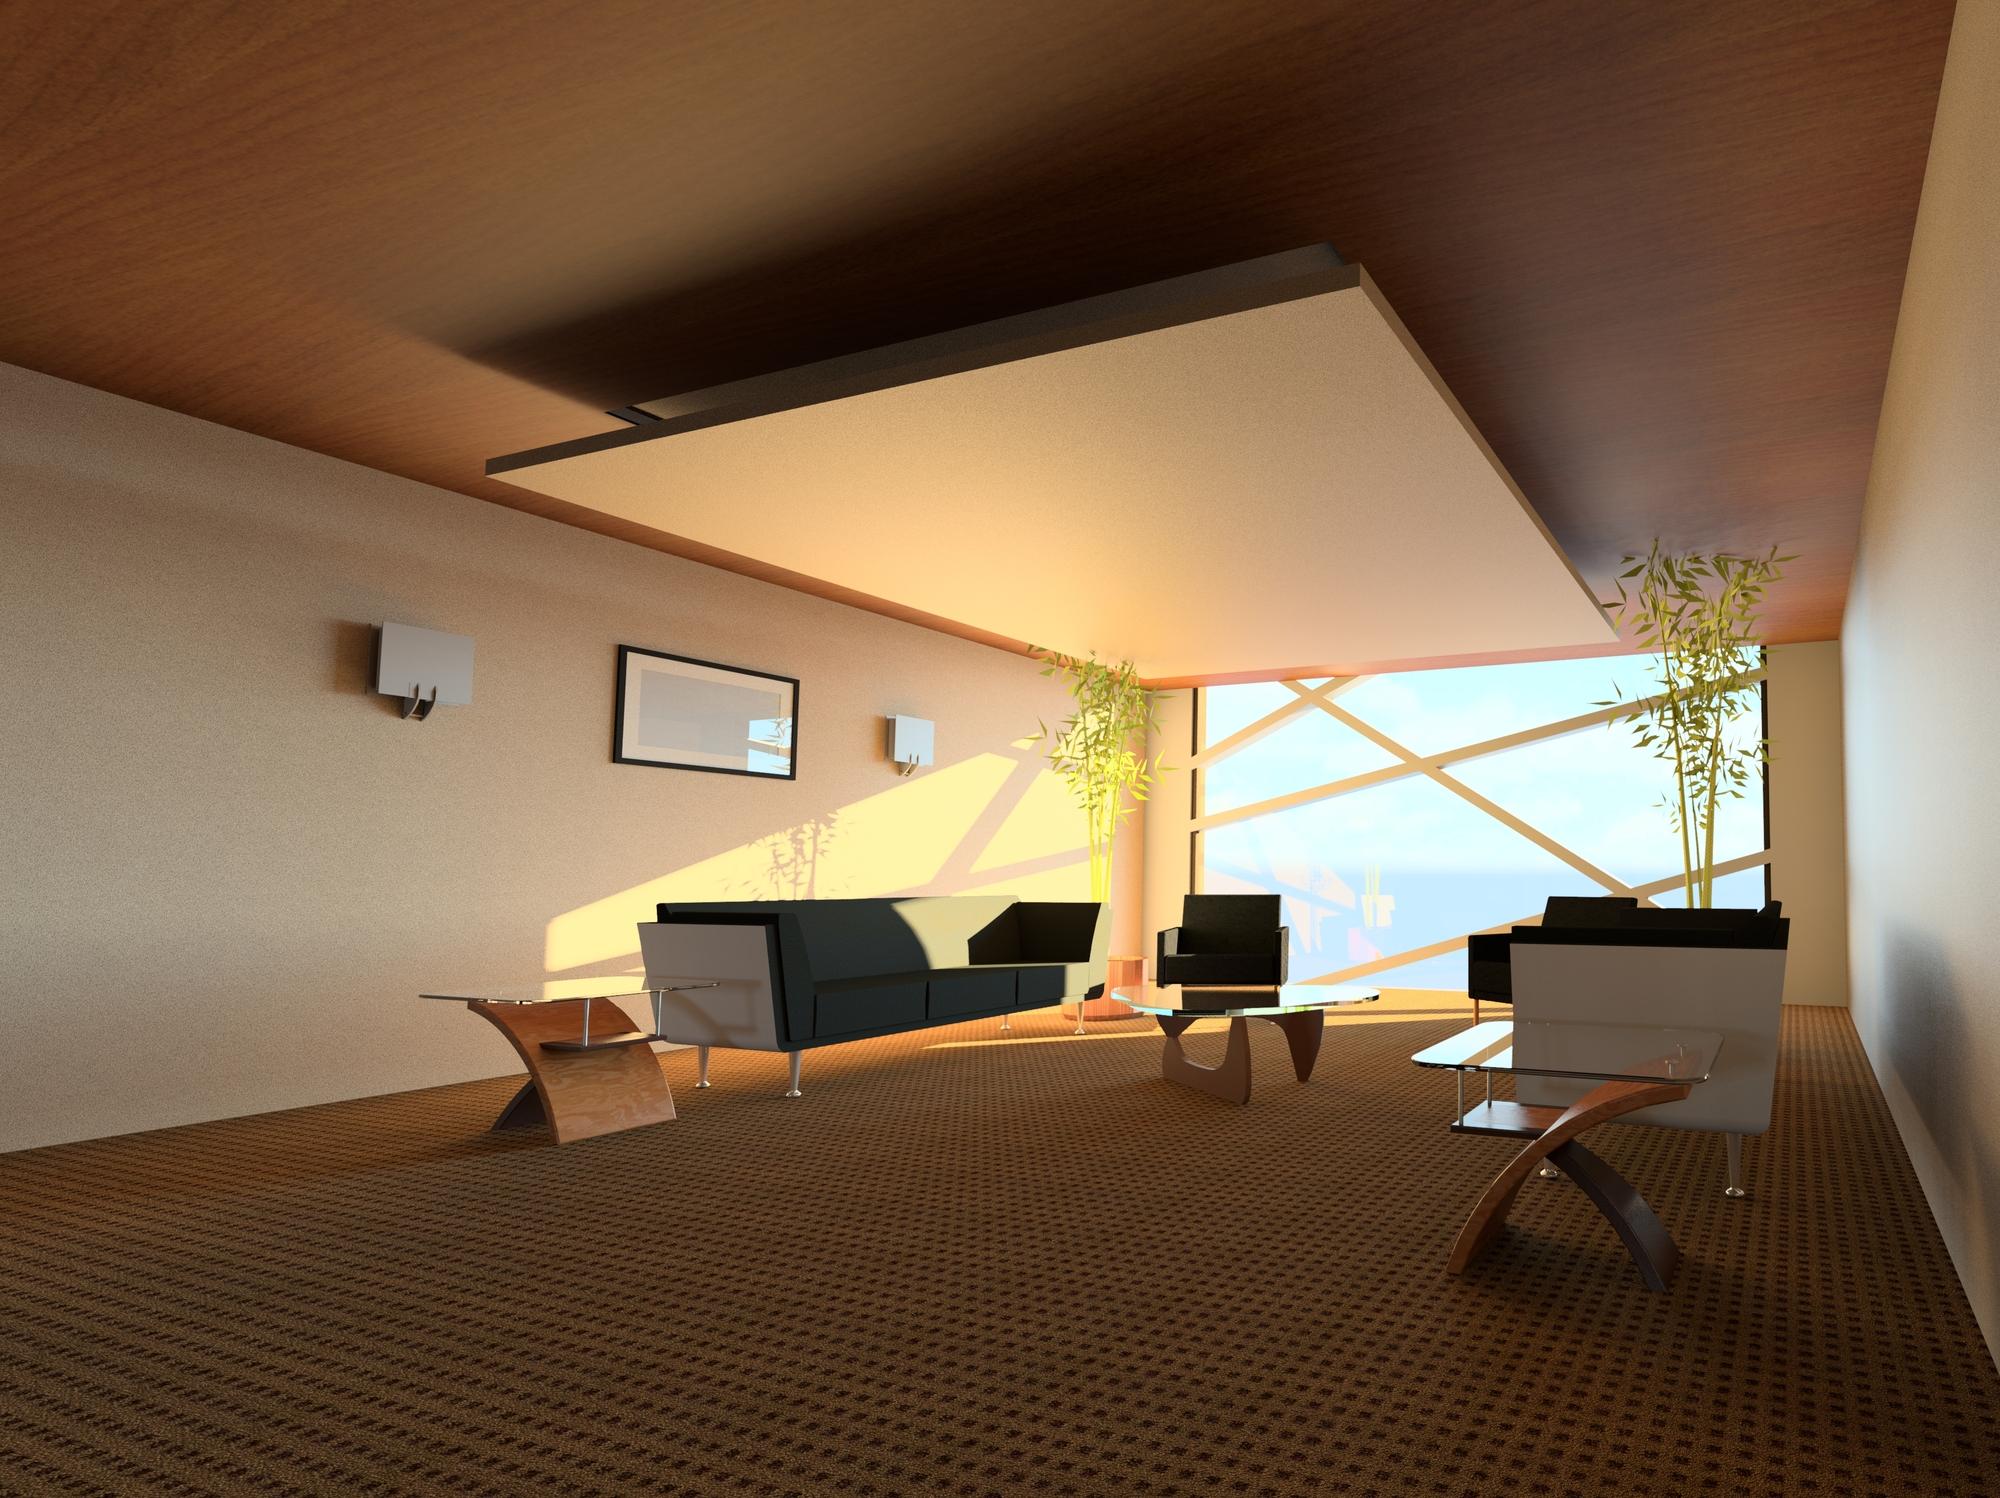 Raas-rendering20150226-4825-1cmfq06